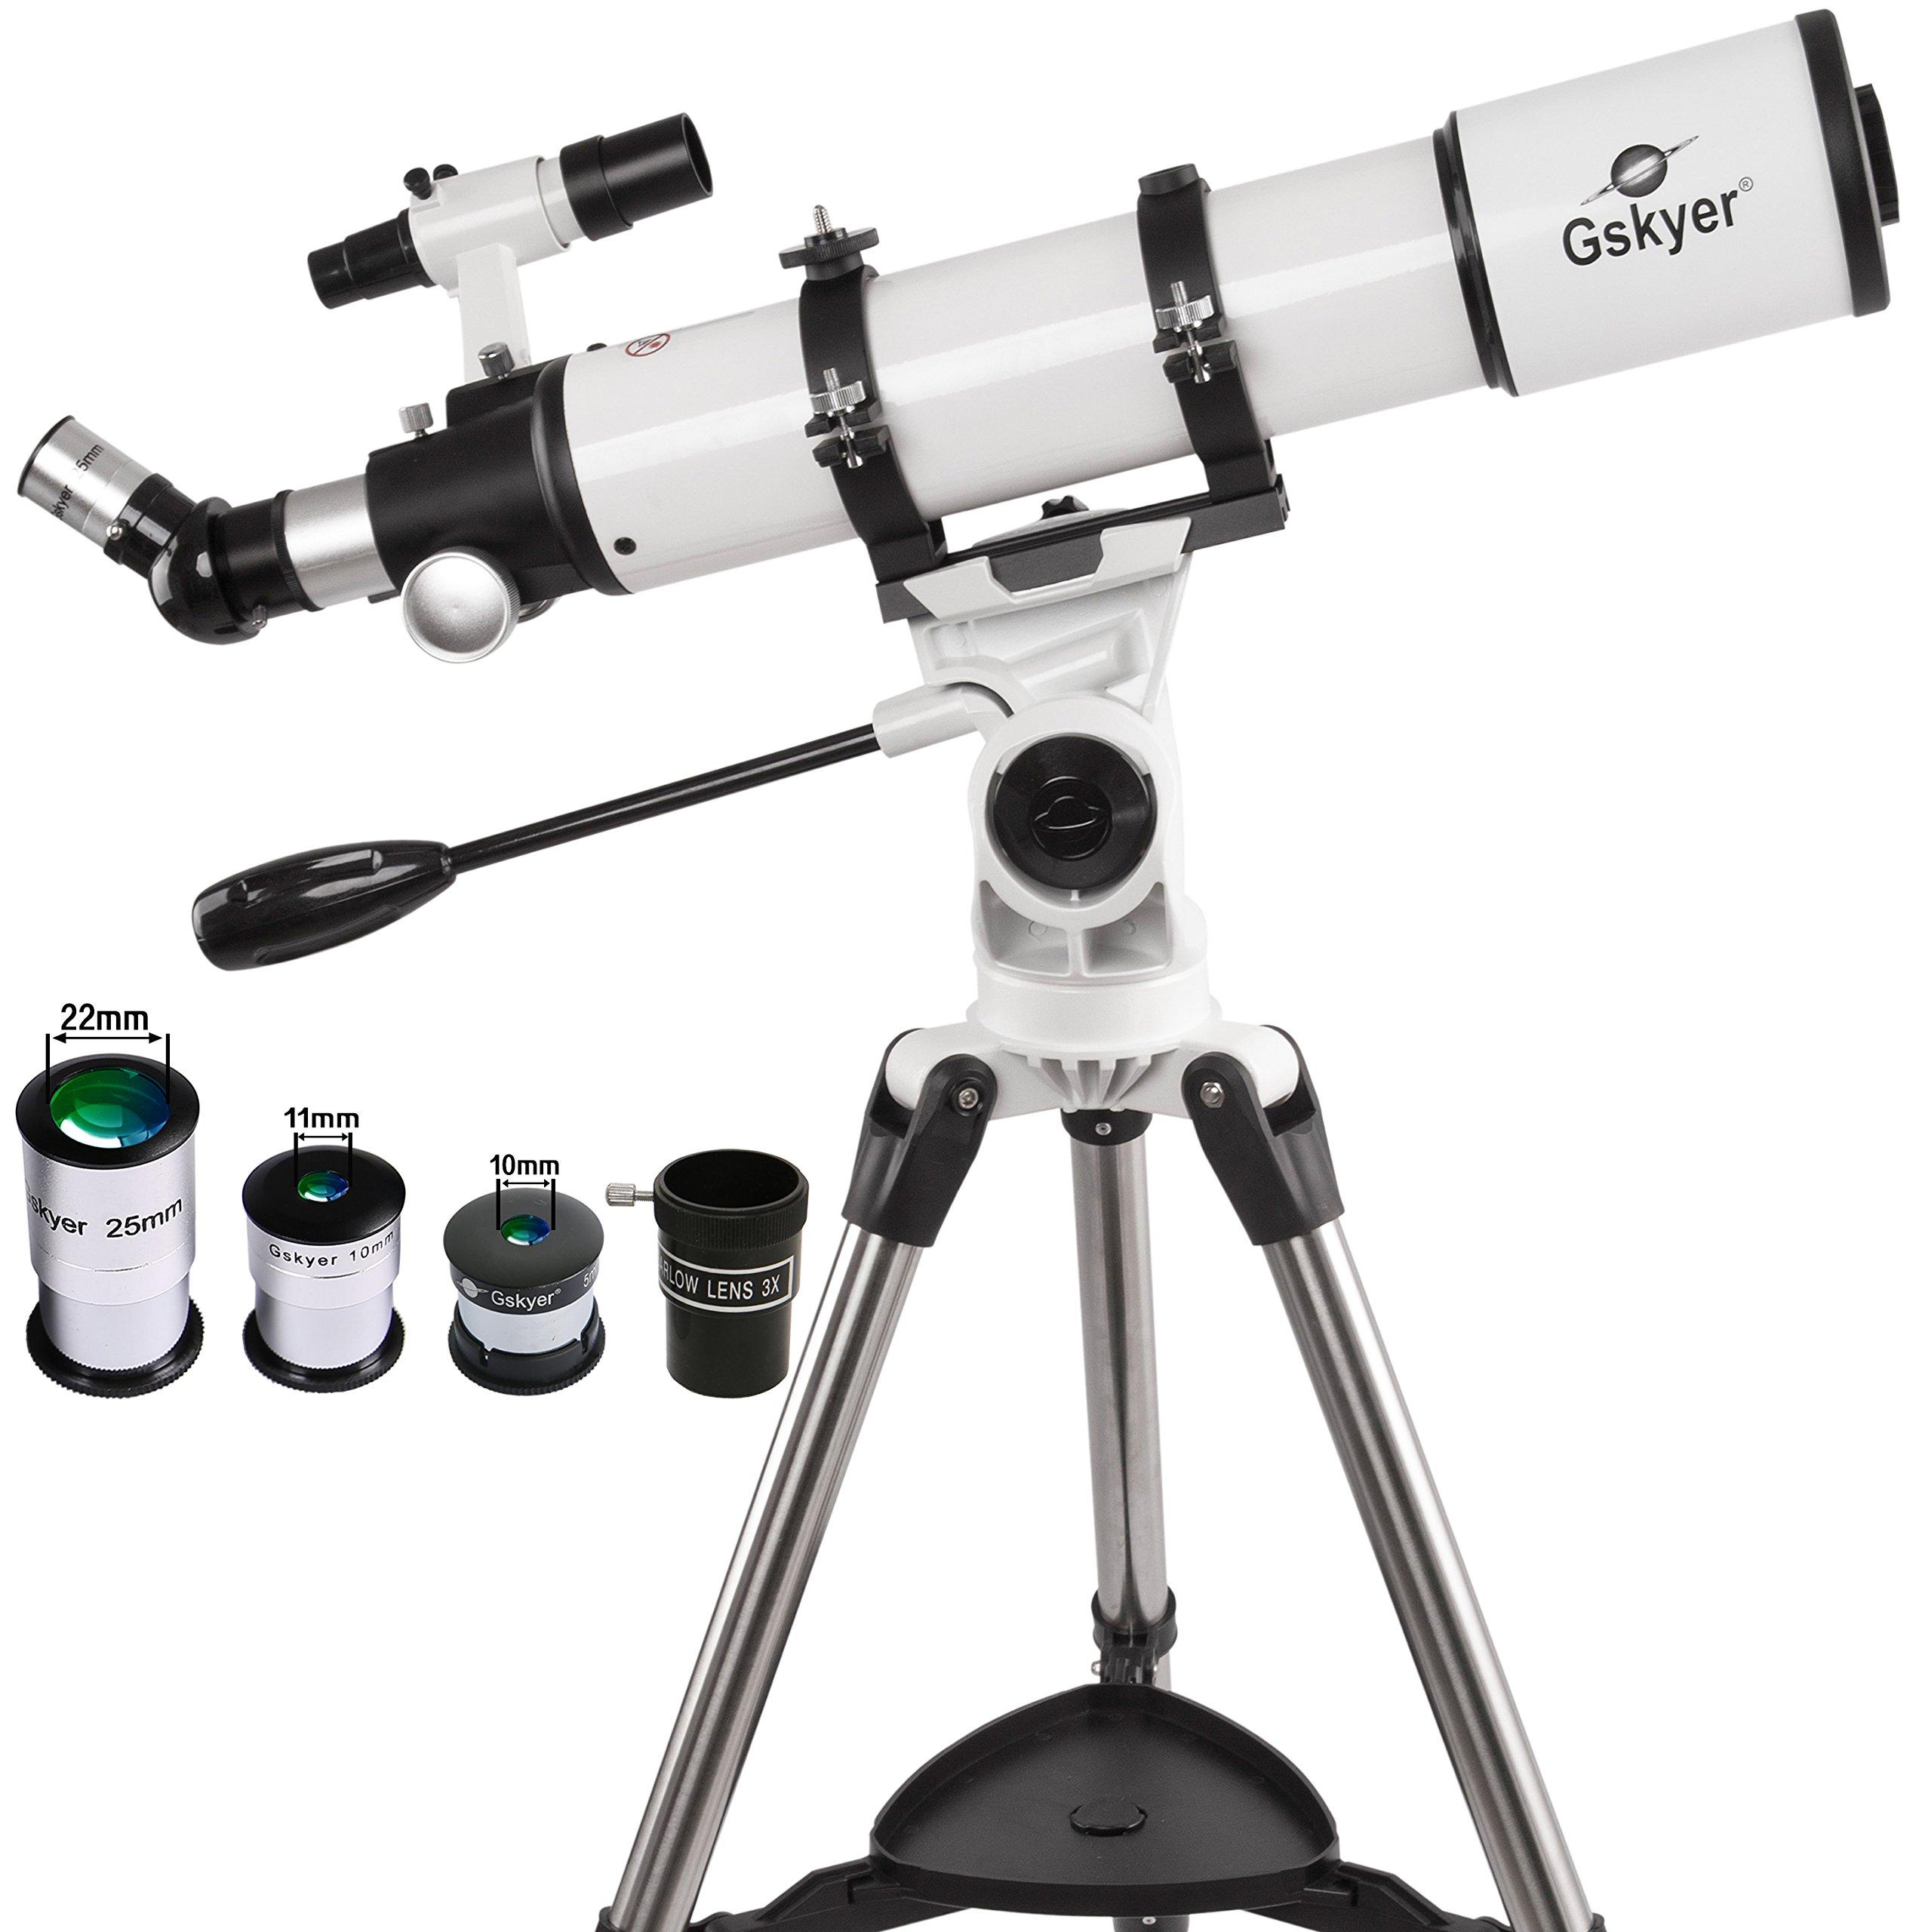 Gskyer Telescope, 600x90mm AZ Astronomical Refractor Telescope, German Technology Scope by Gskyer